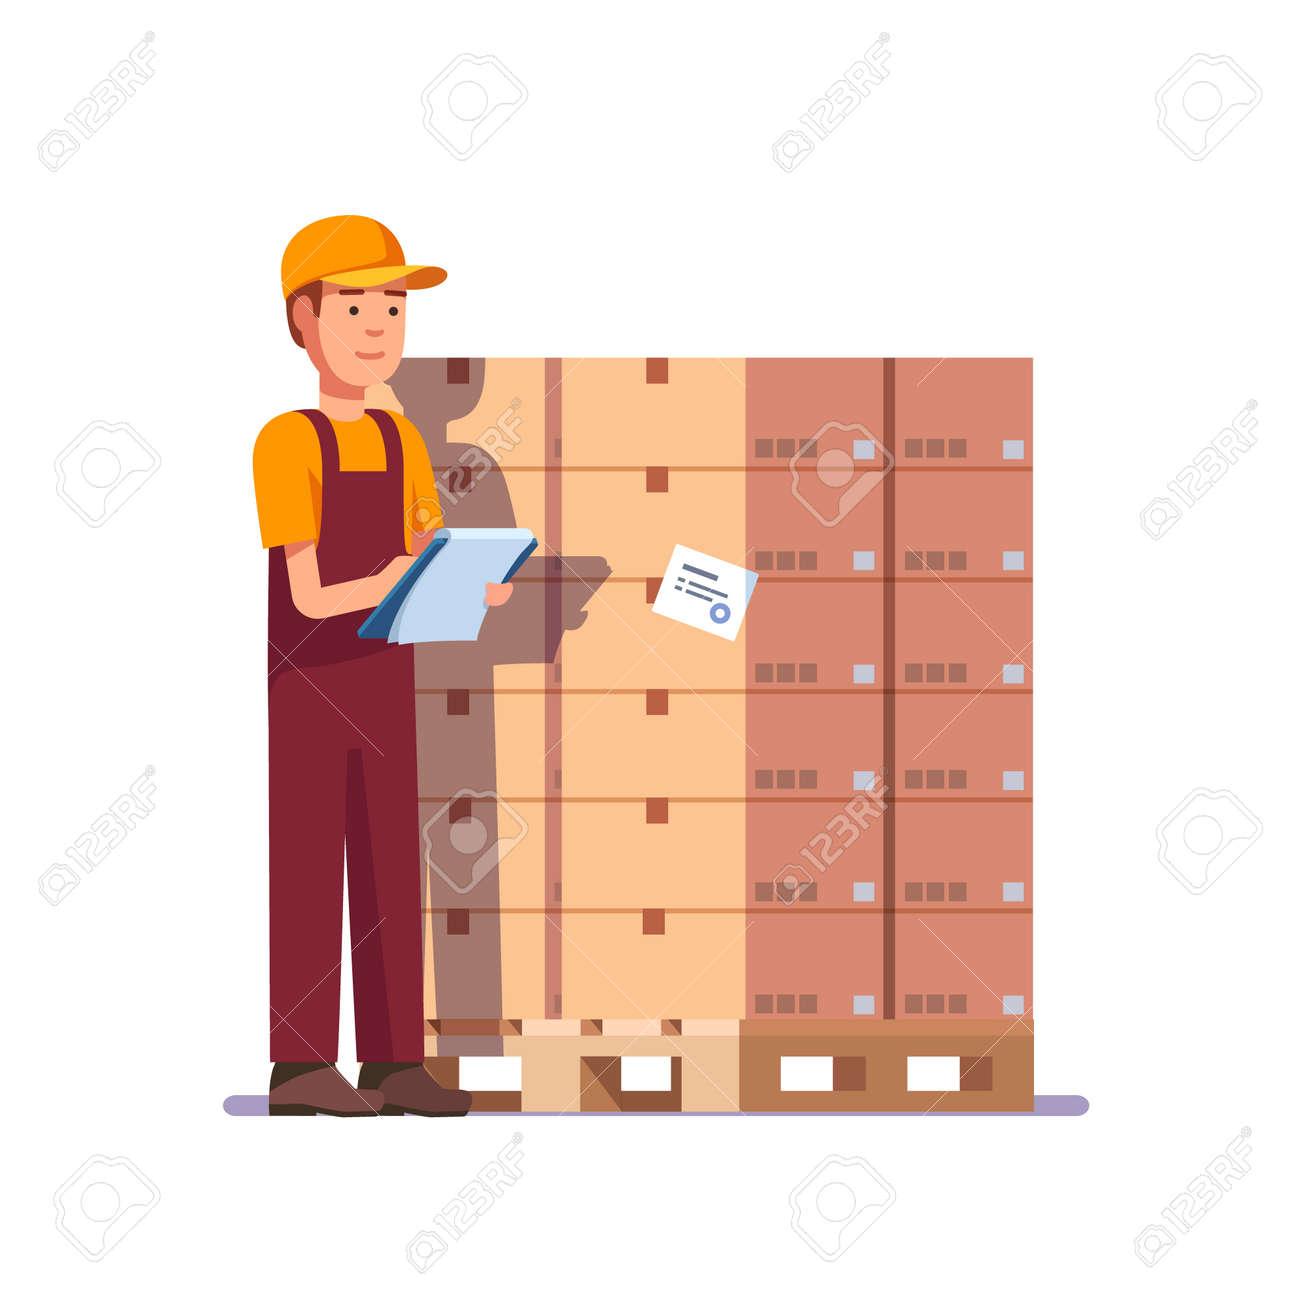 倉庫の労働者パレットの商品をチェックします。ストック撮影の仕事